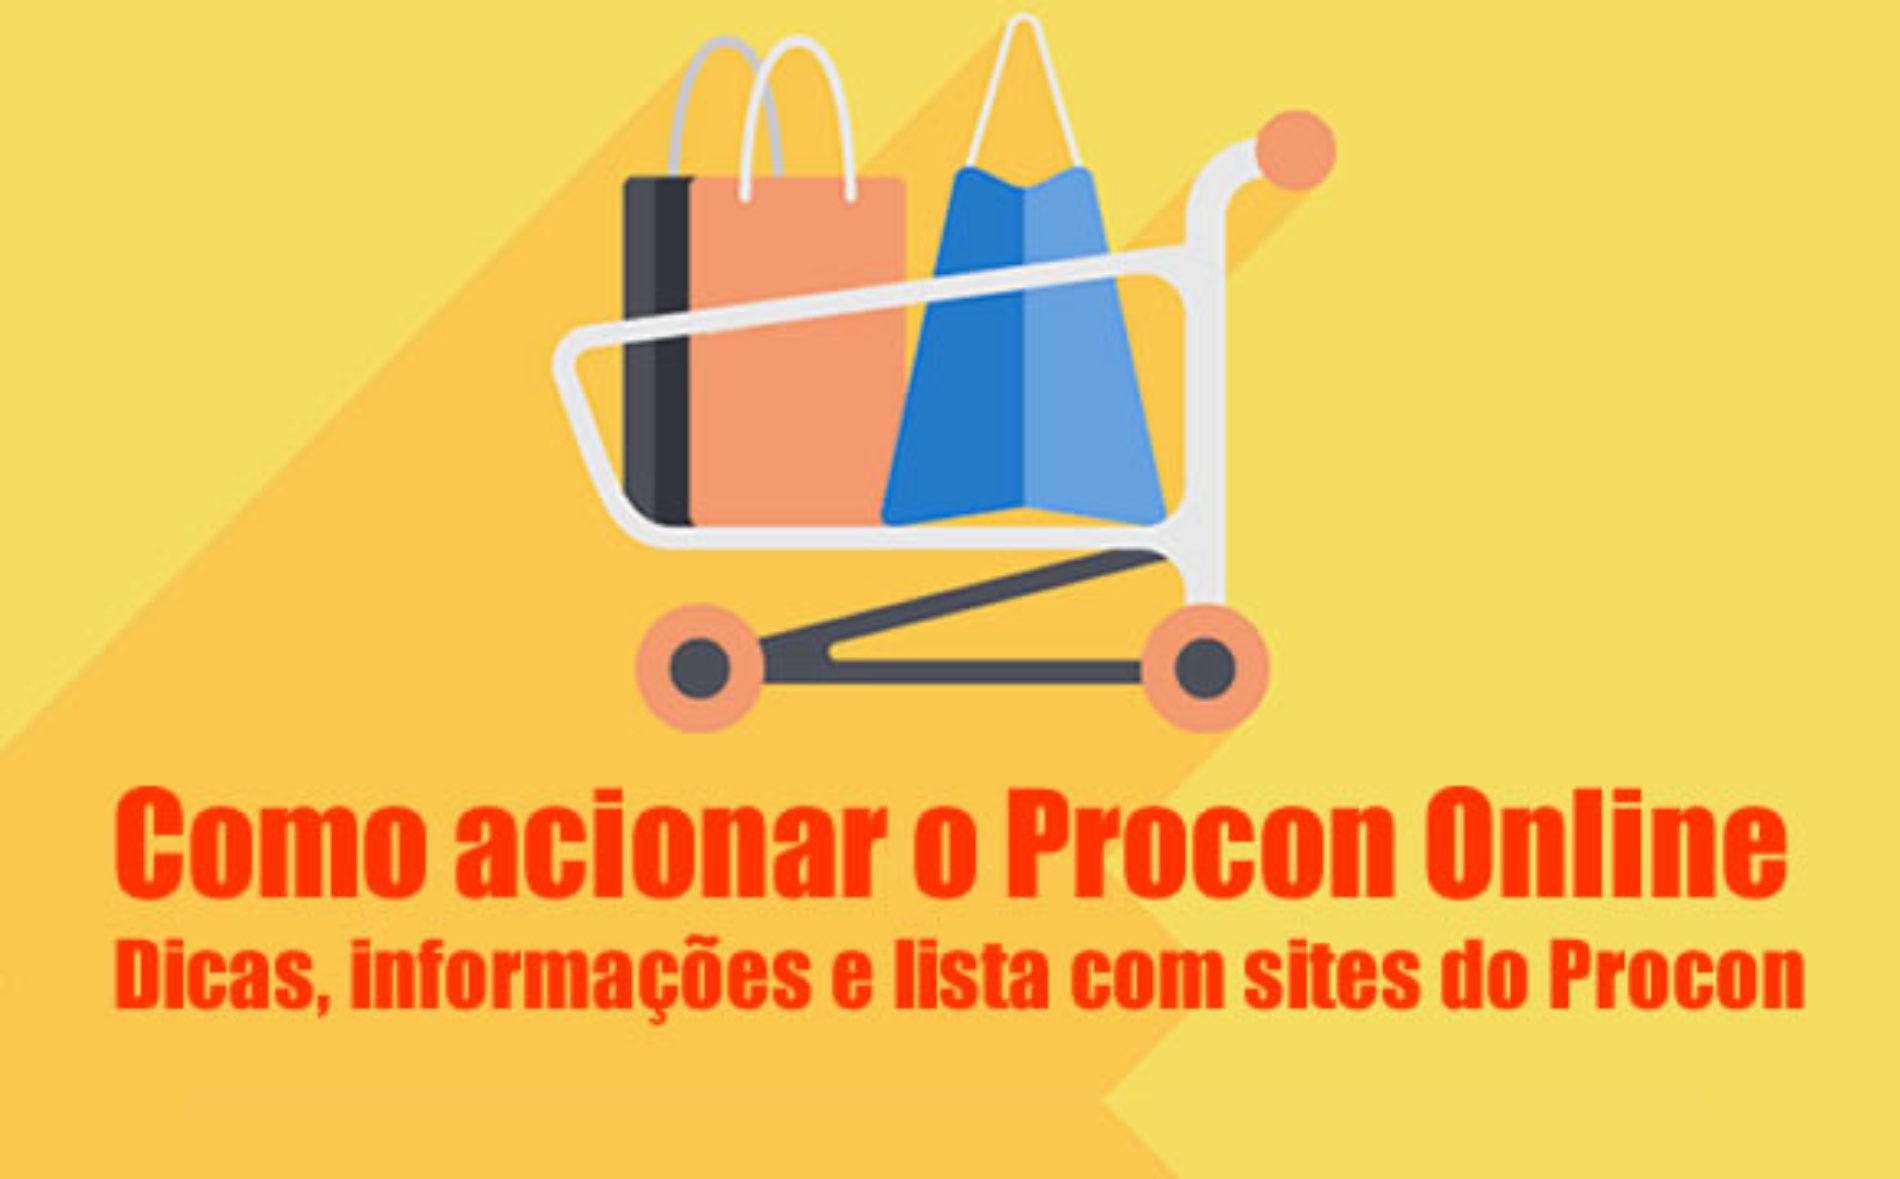 Como acionar o Procon Online